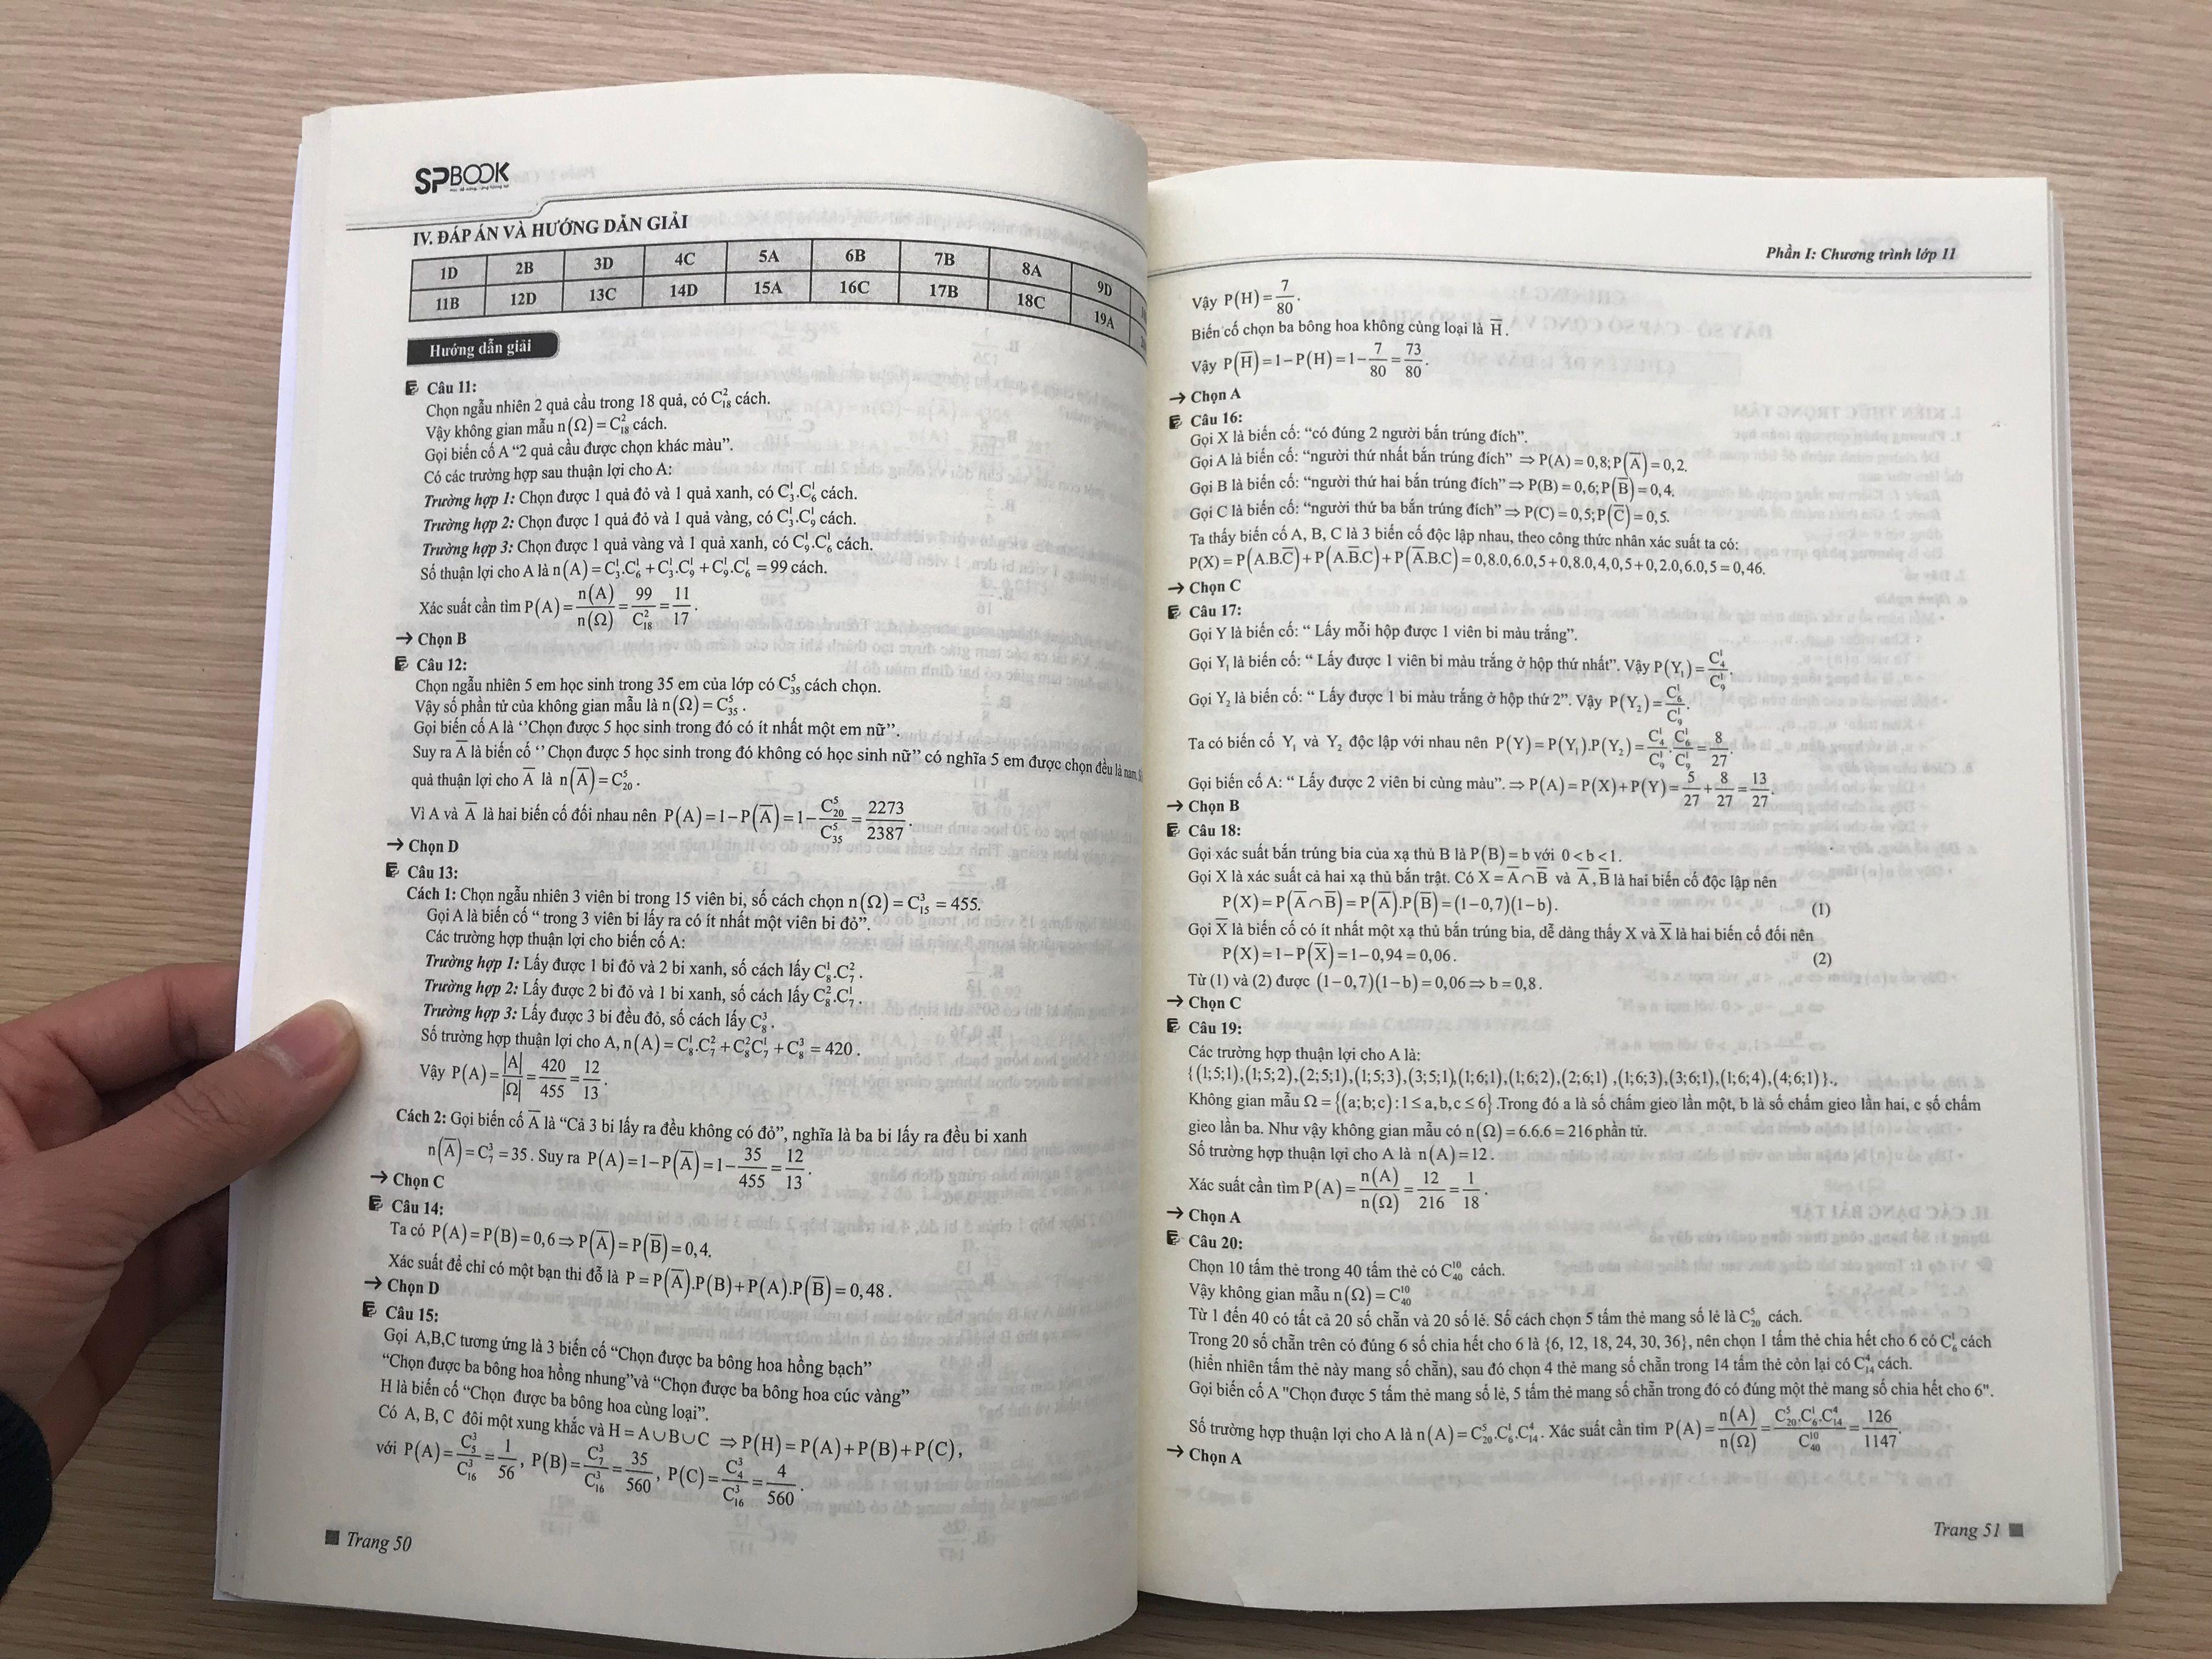 Bài tập và hướng dẫn giải chi tiết